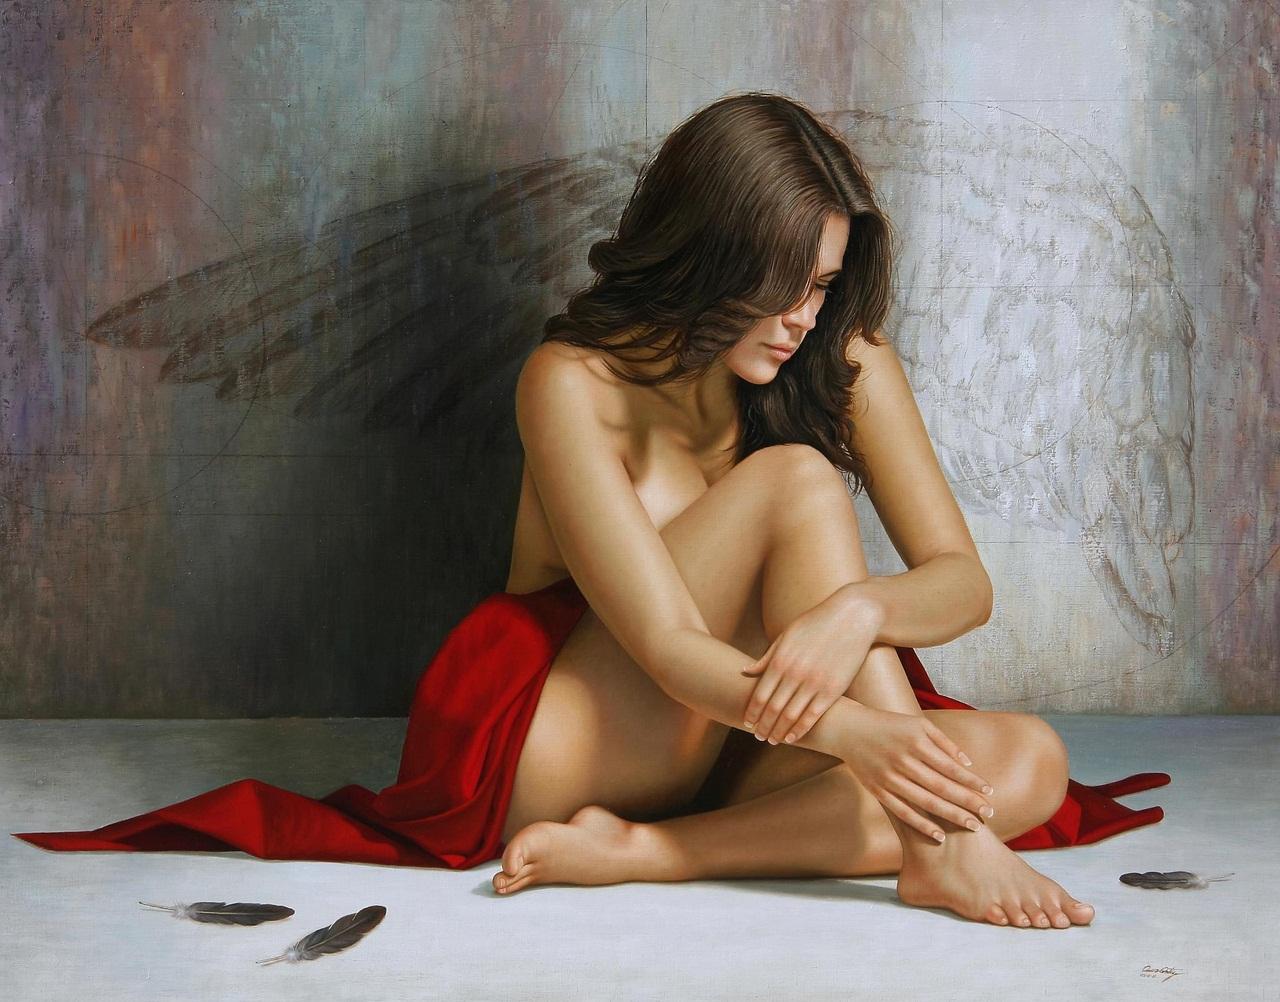 Фото голое женское тело, Голое тело - красивое женское тело нагишом - интим фото 15 фотография